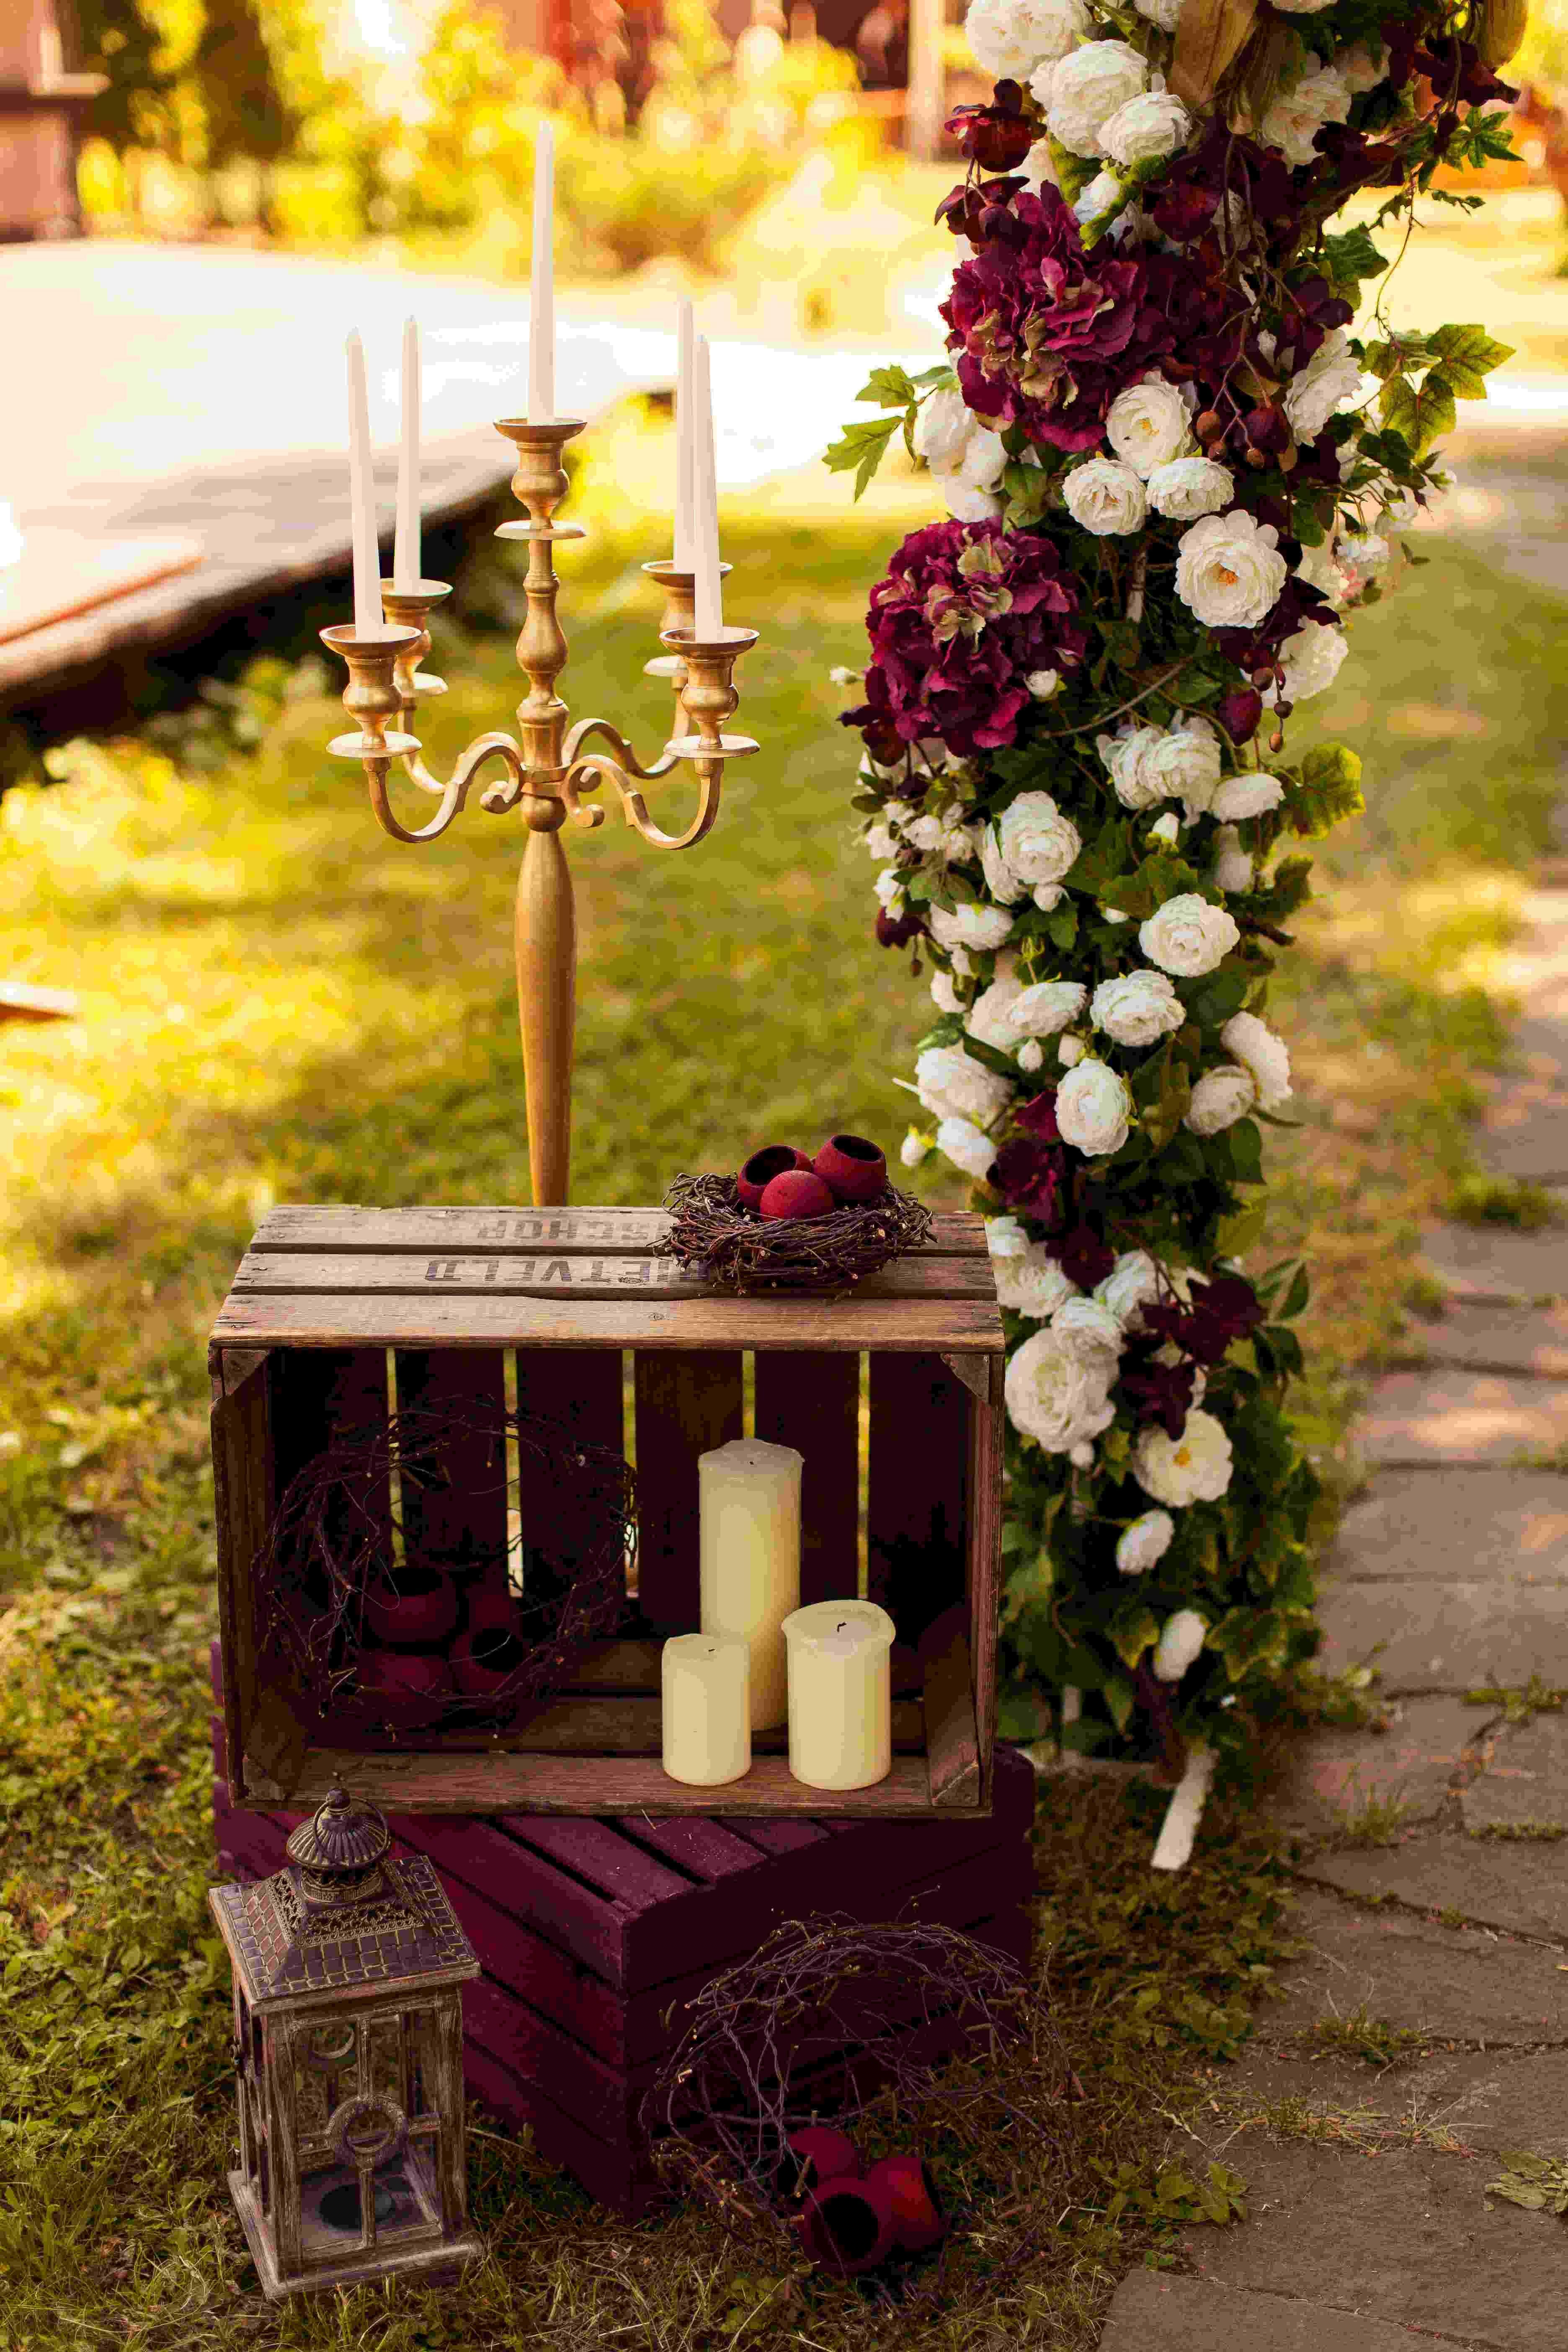 wedding arch, wedding, ceremony wedding, decor, rustic, wedding ...